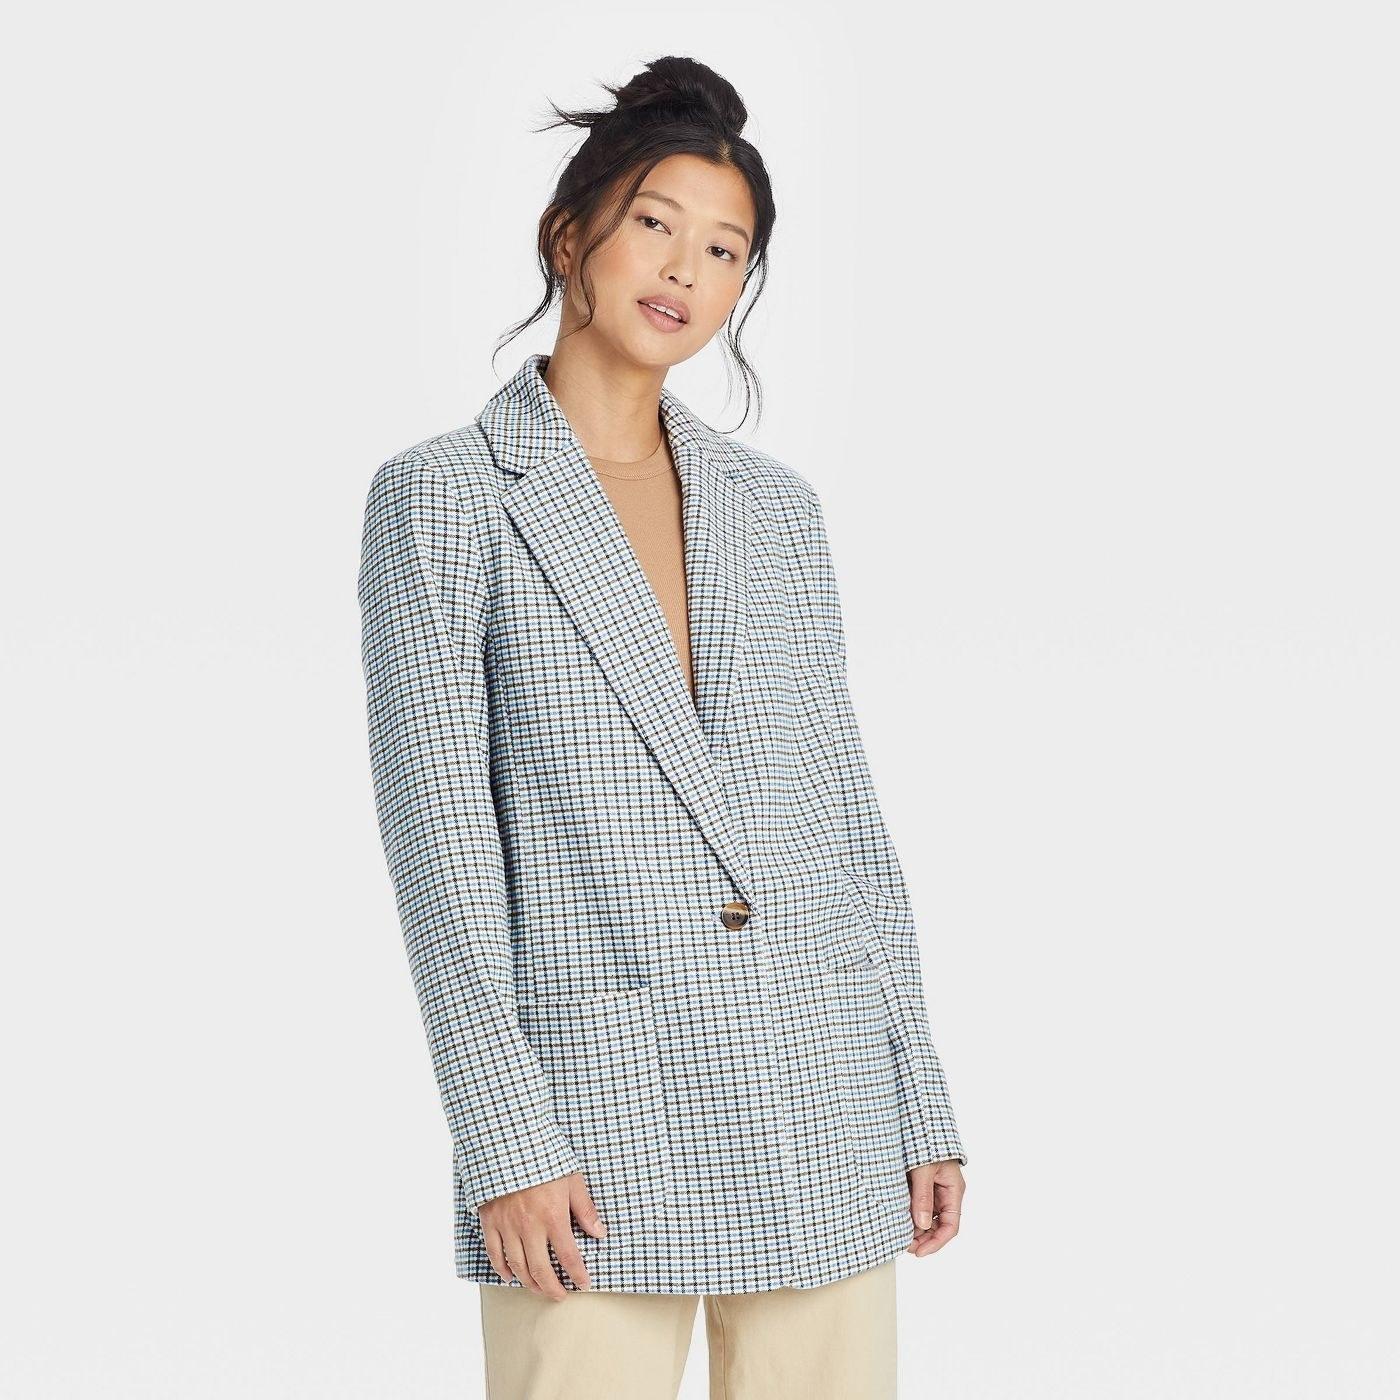 a woman wearing a plaid blazer